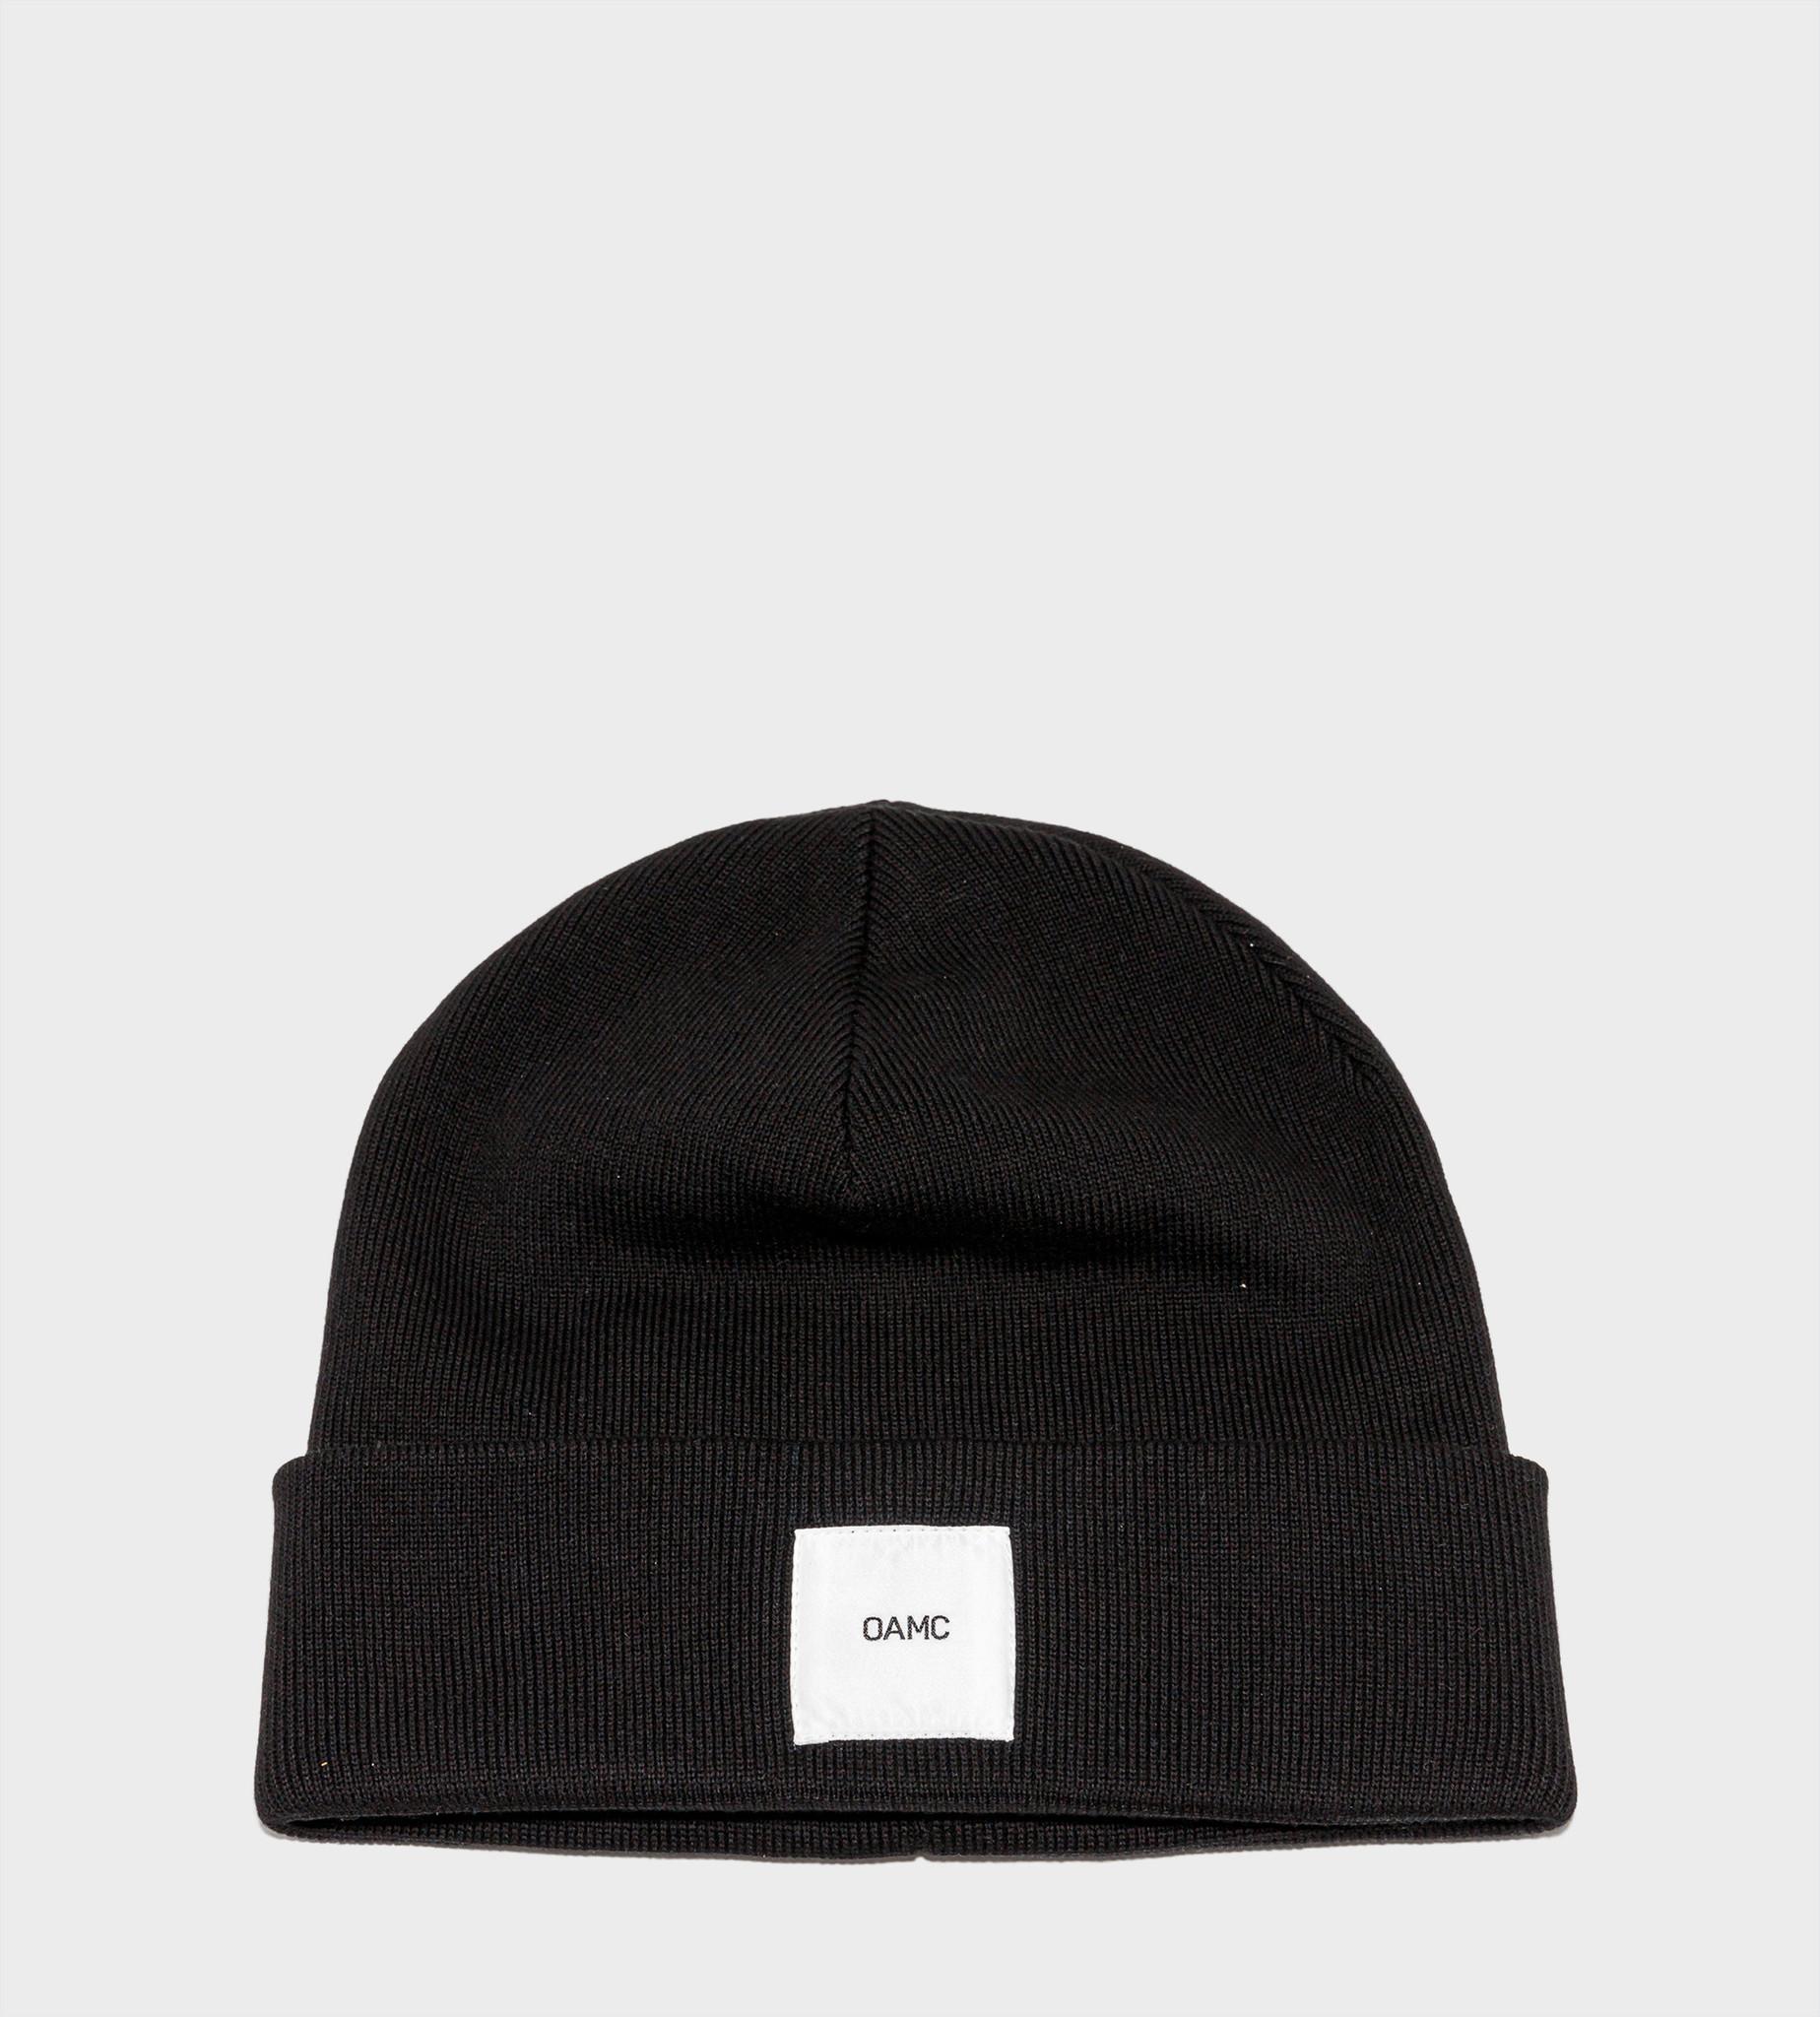 OAMC Knitted Hat Black